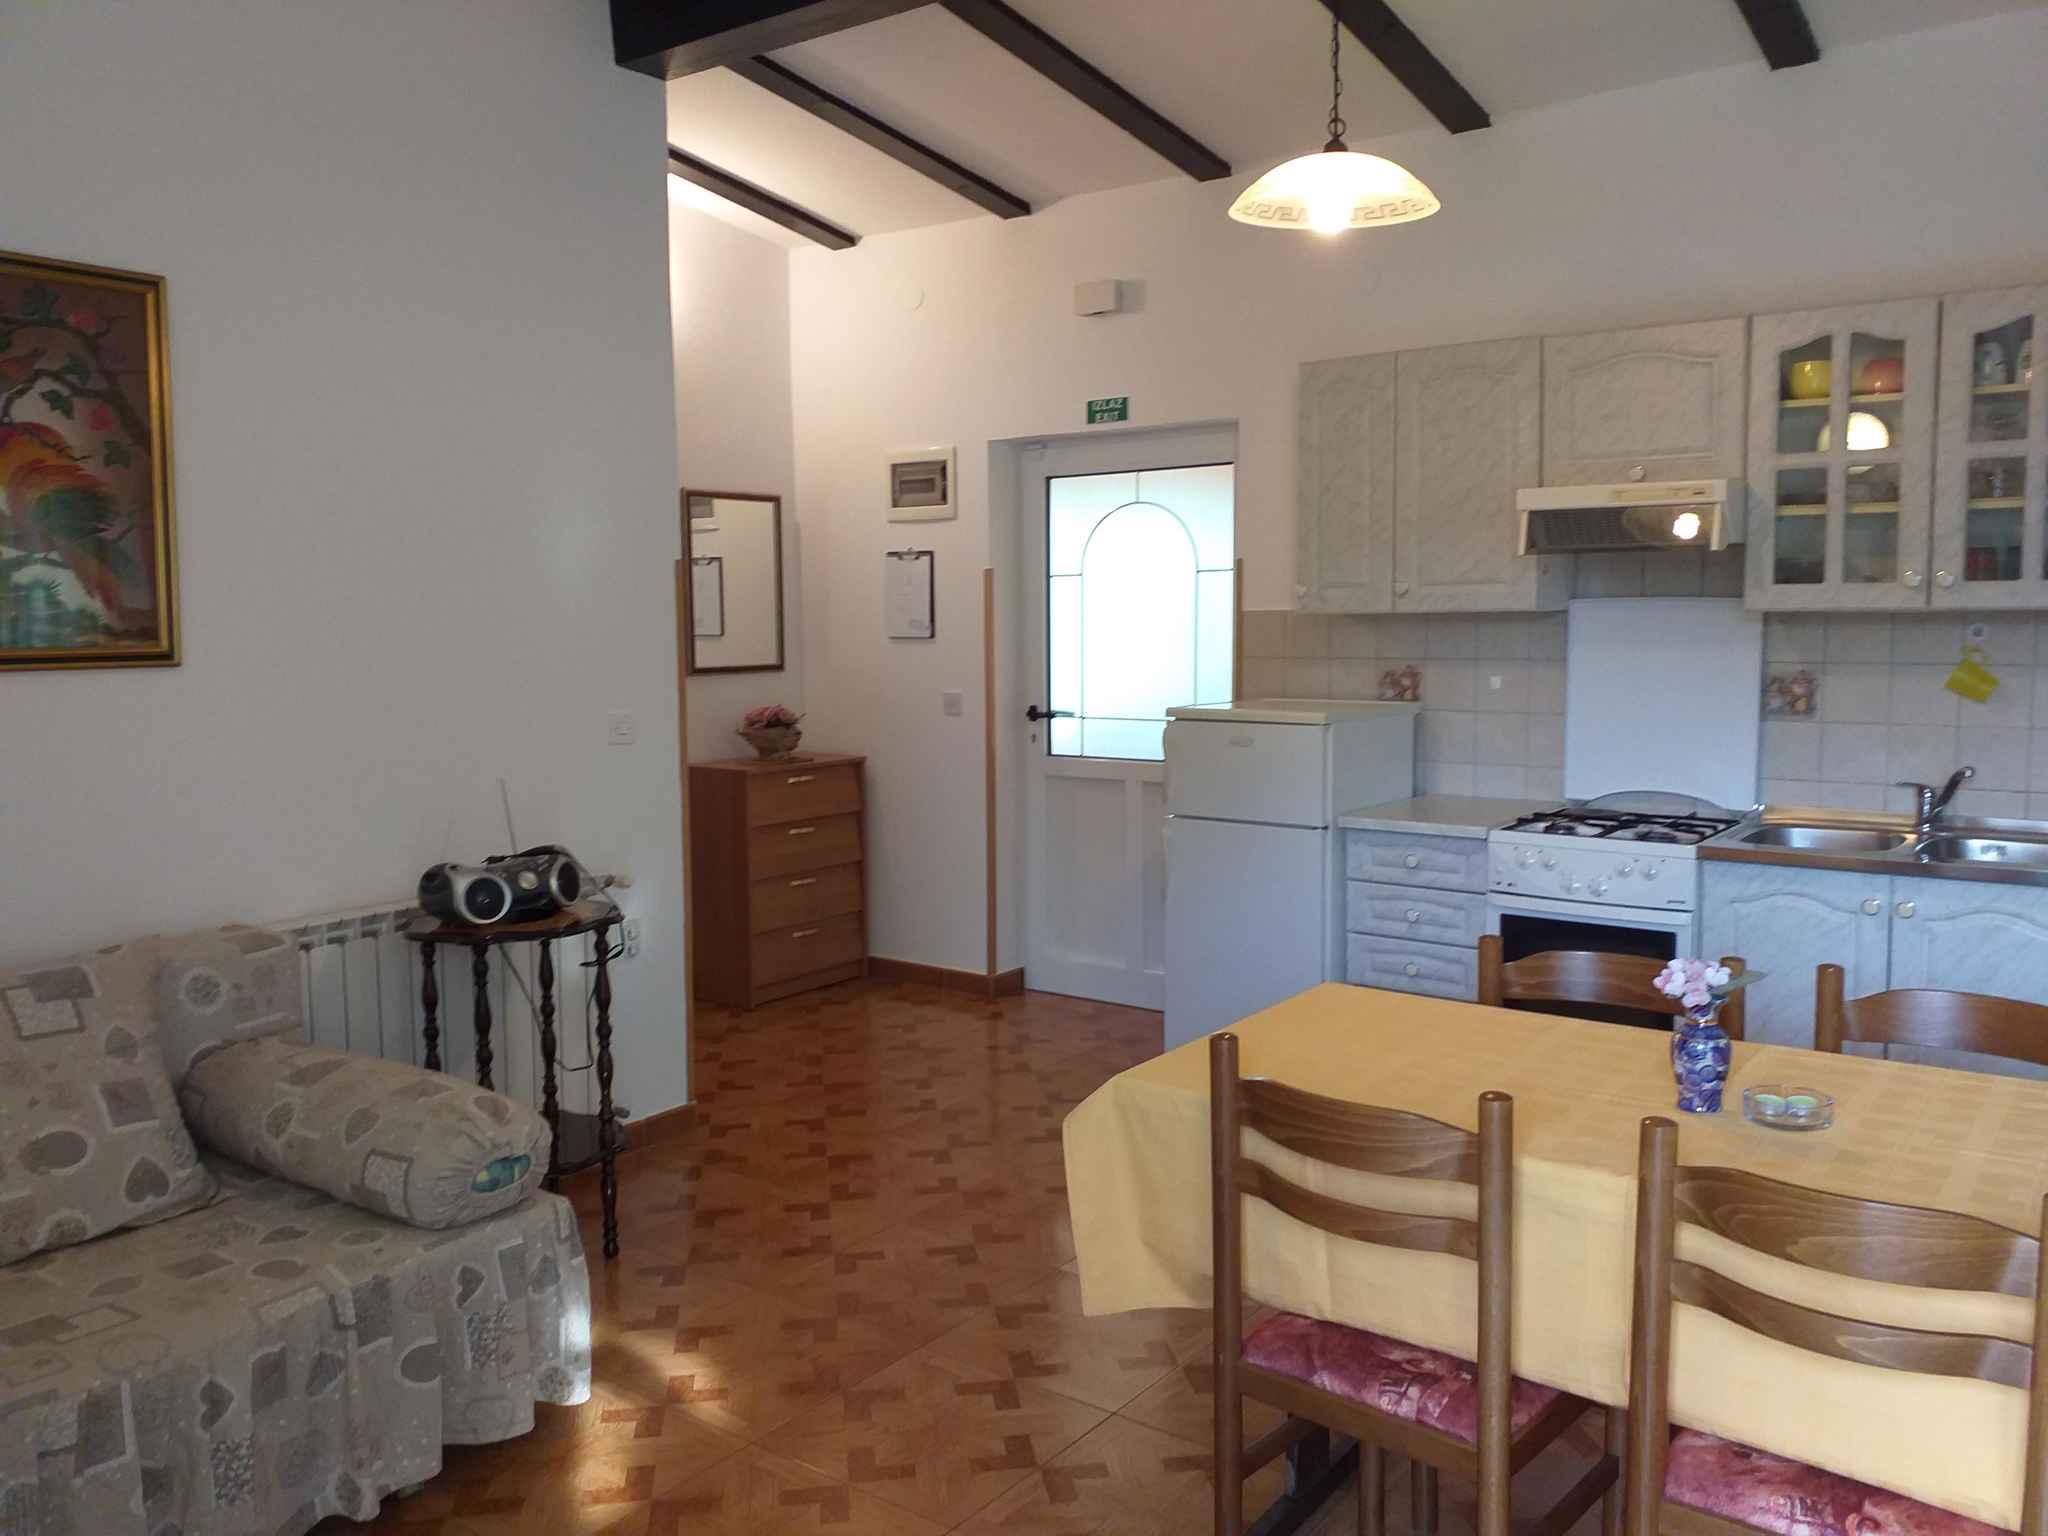 Ferienhaus mit Garten, 2,5km vom Meer entfernt (281005), Rovinj, , Istrien, Kroatien, Bild 11